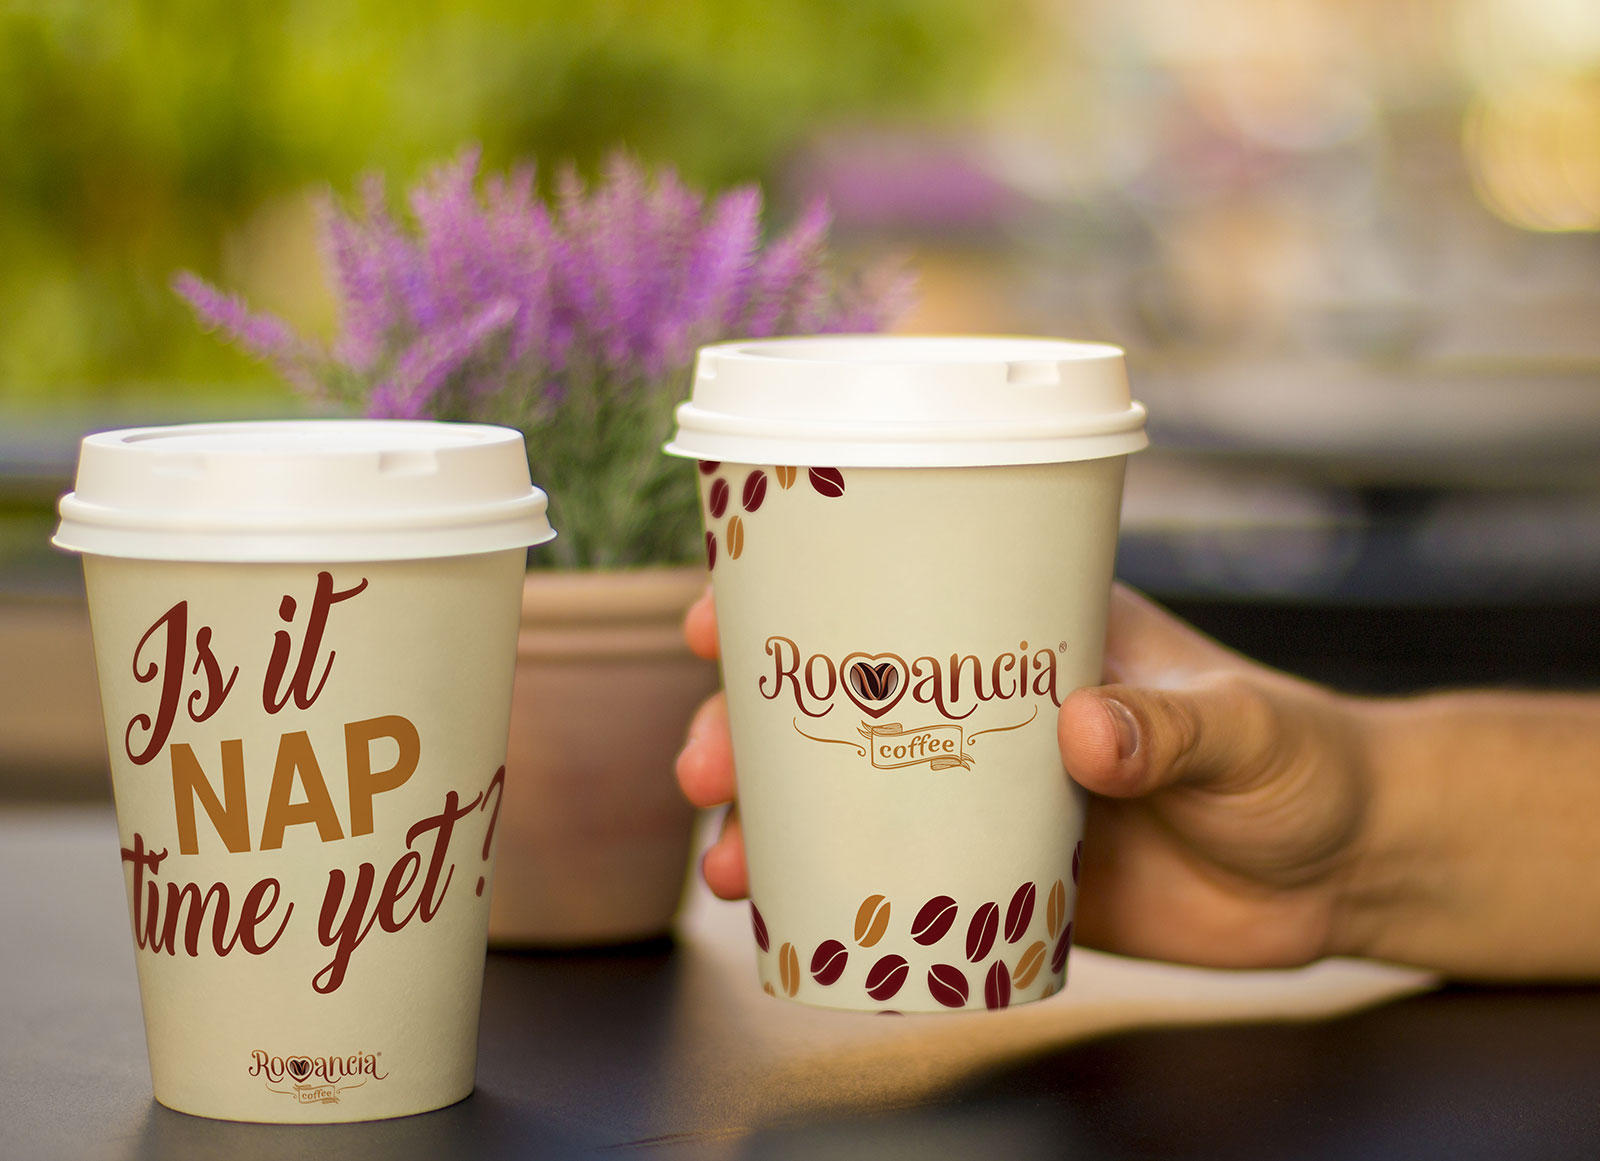 Free-Coffee-Cup-Photo-Mockup-PSD